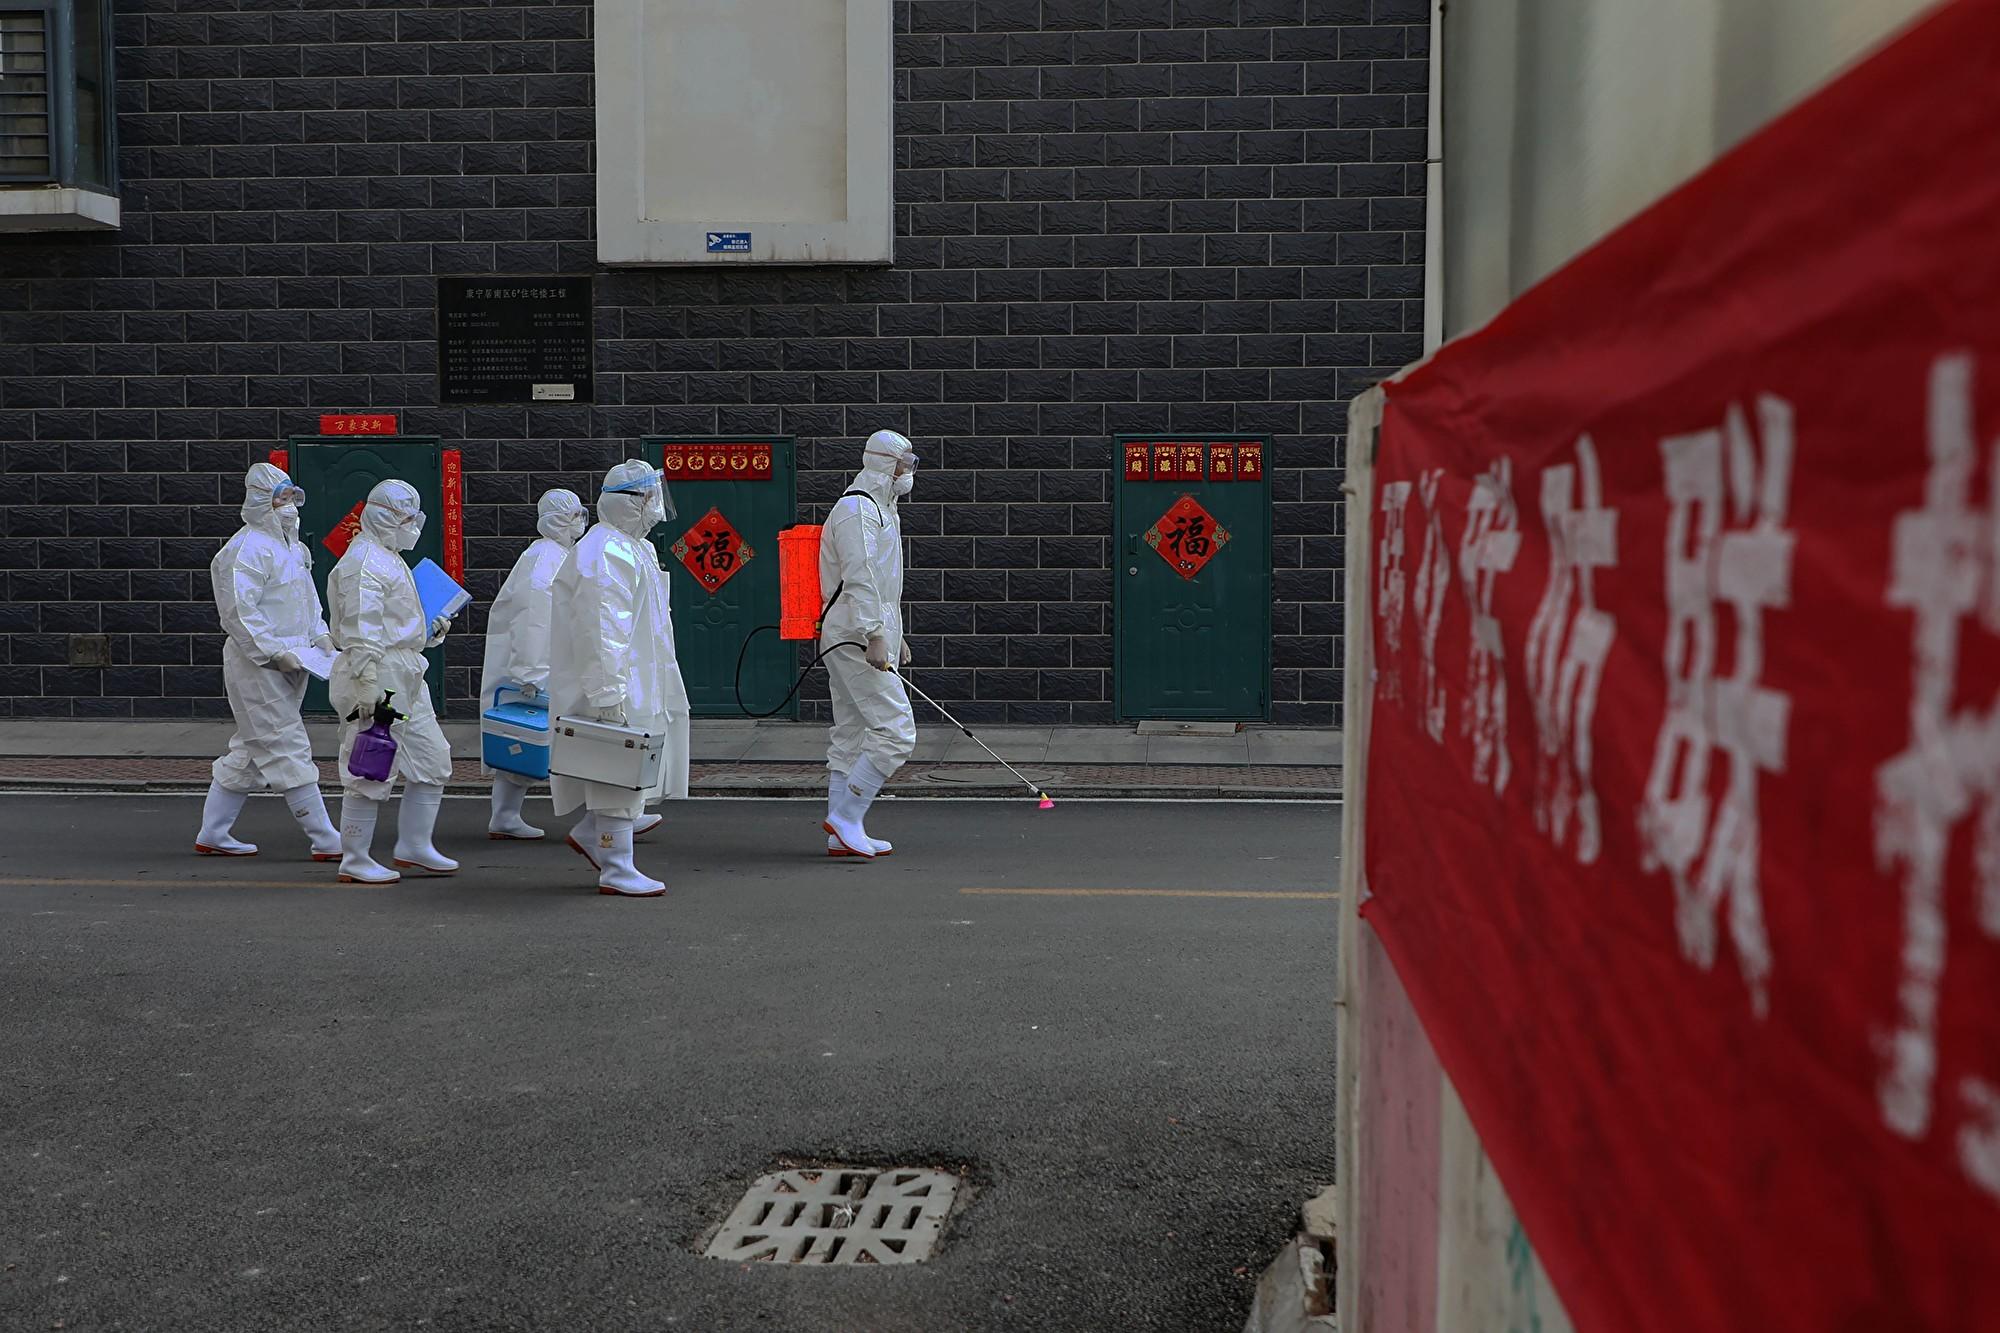 【內幕】濟寧掩蓋疫情 殯儀館拒收肺炎遺體